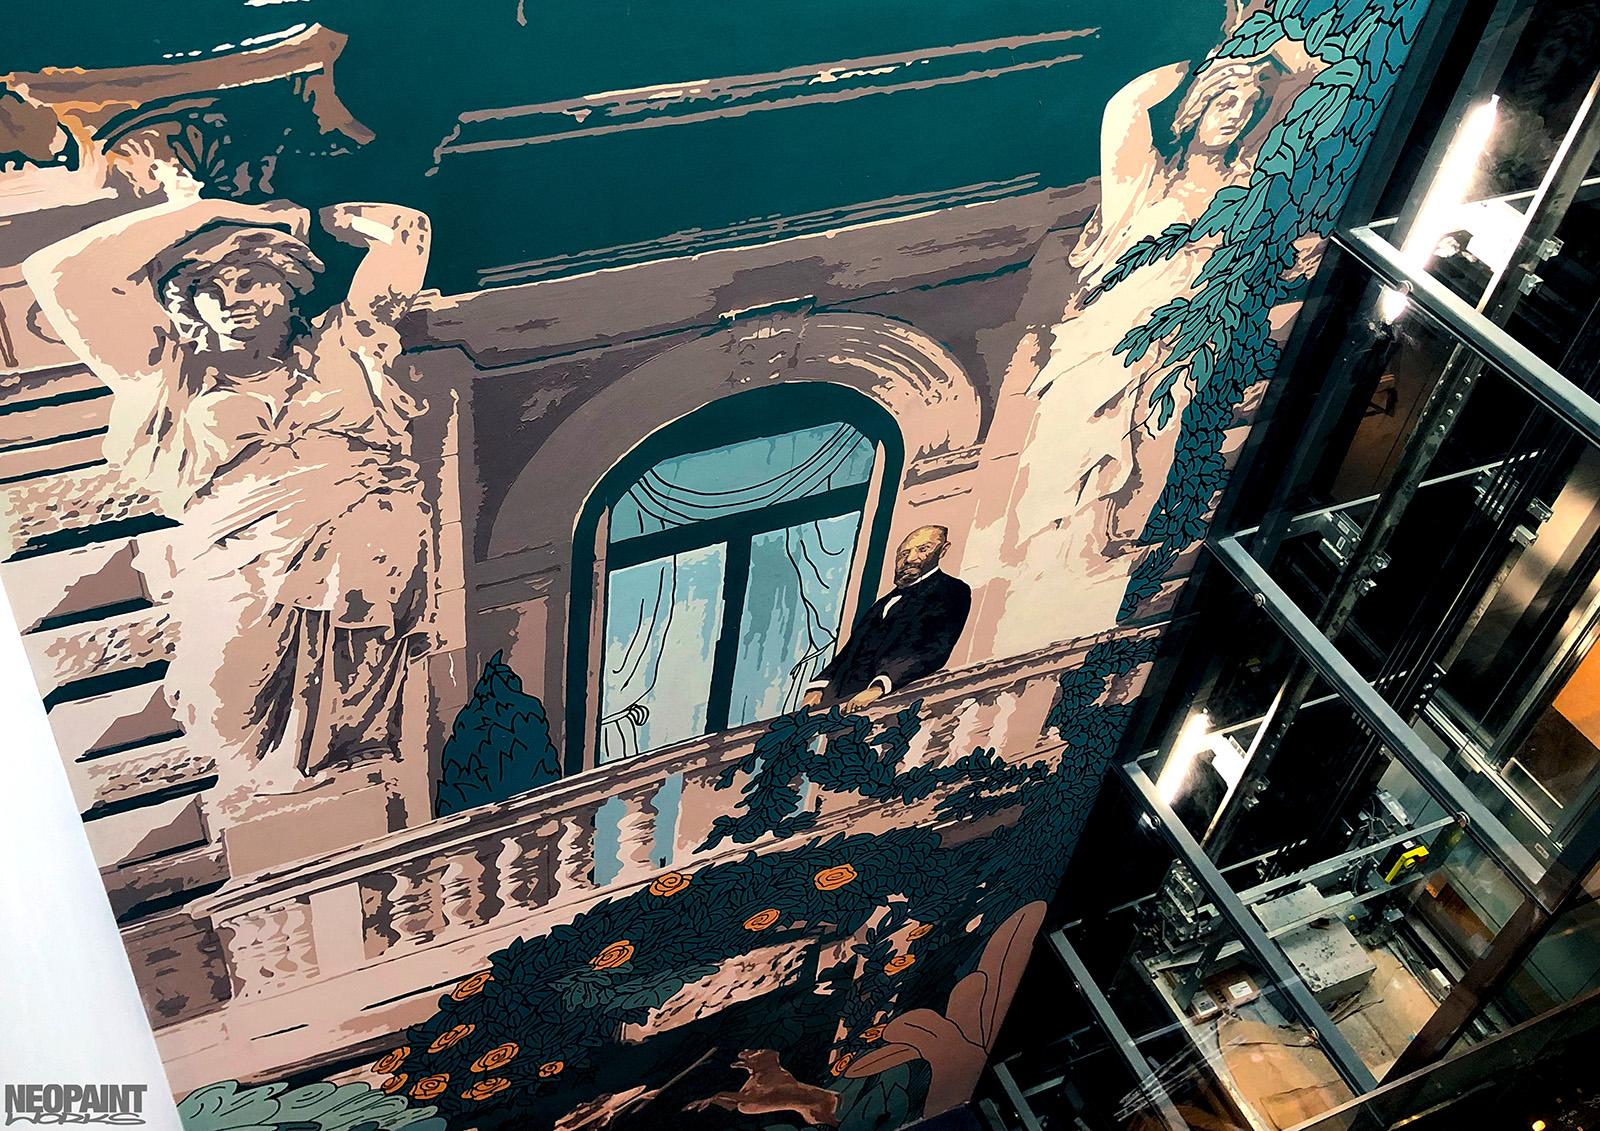 dekorációs falfestés - festmény - faldekor - neopaint works - weiss manfréd - andrássy (4)